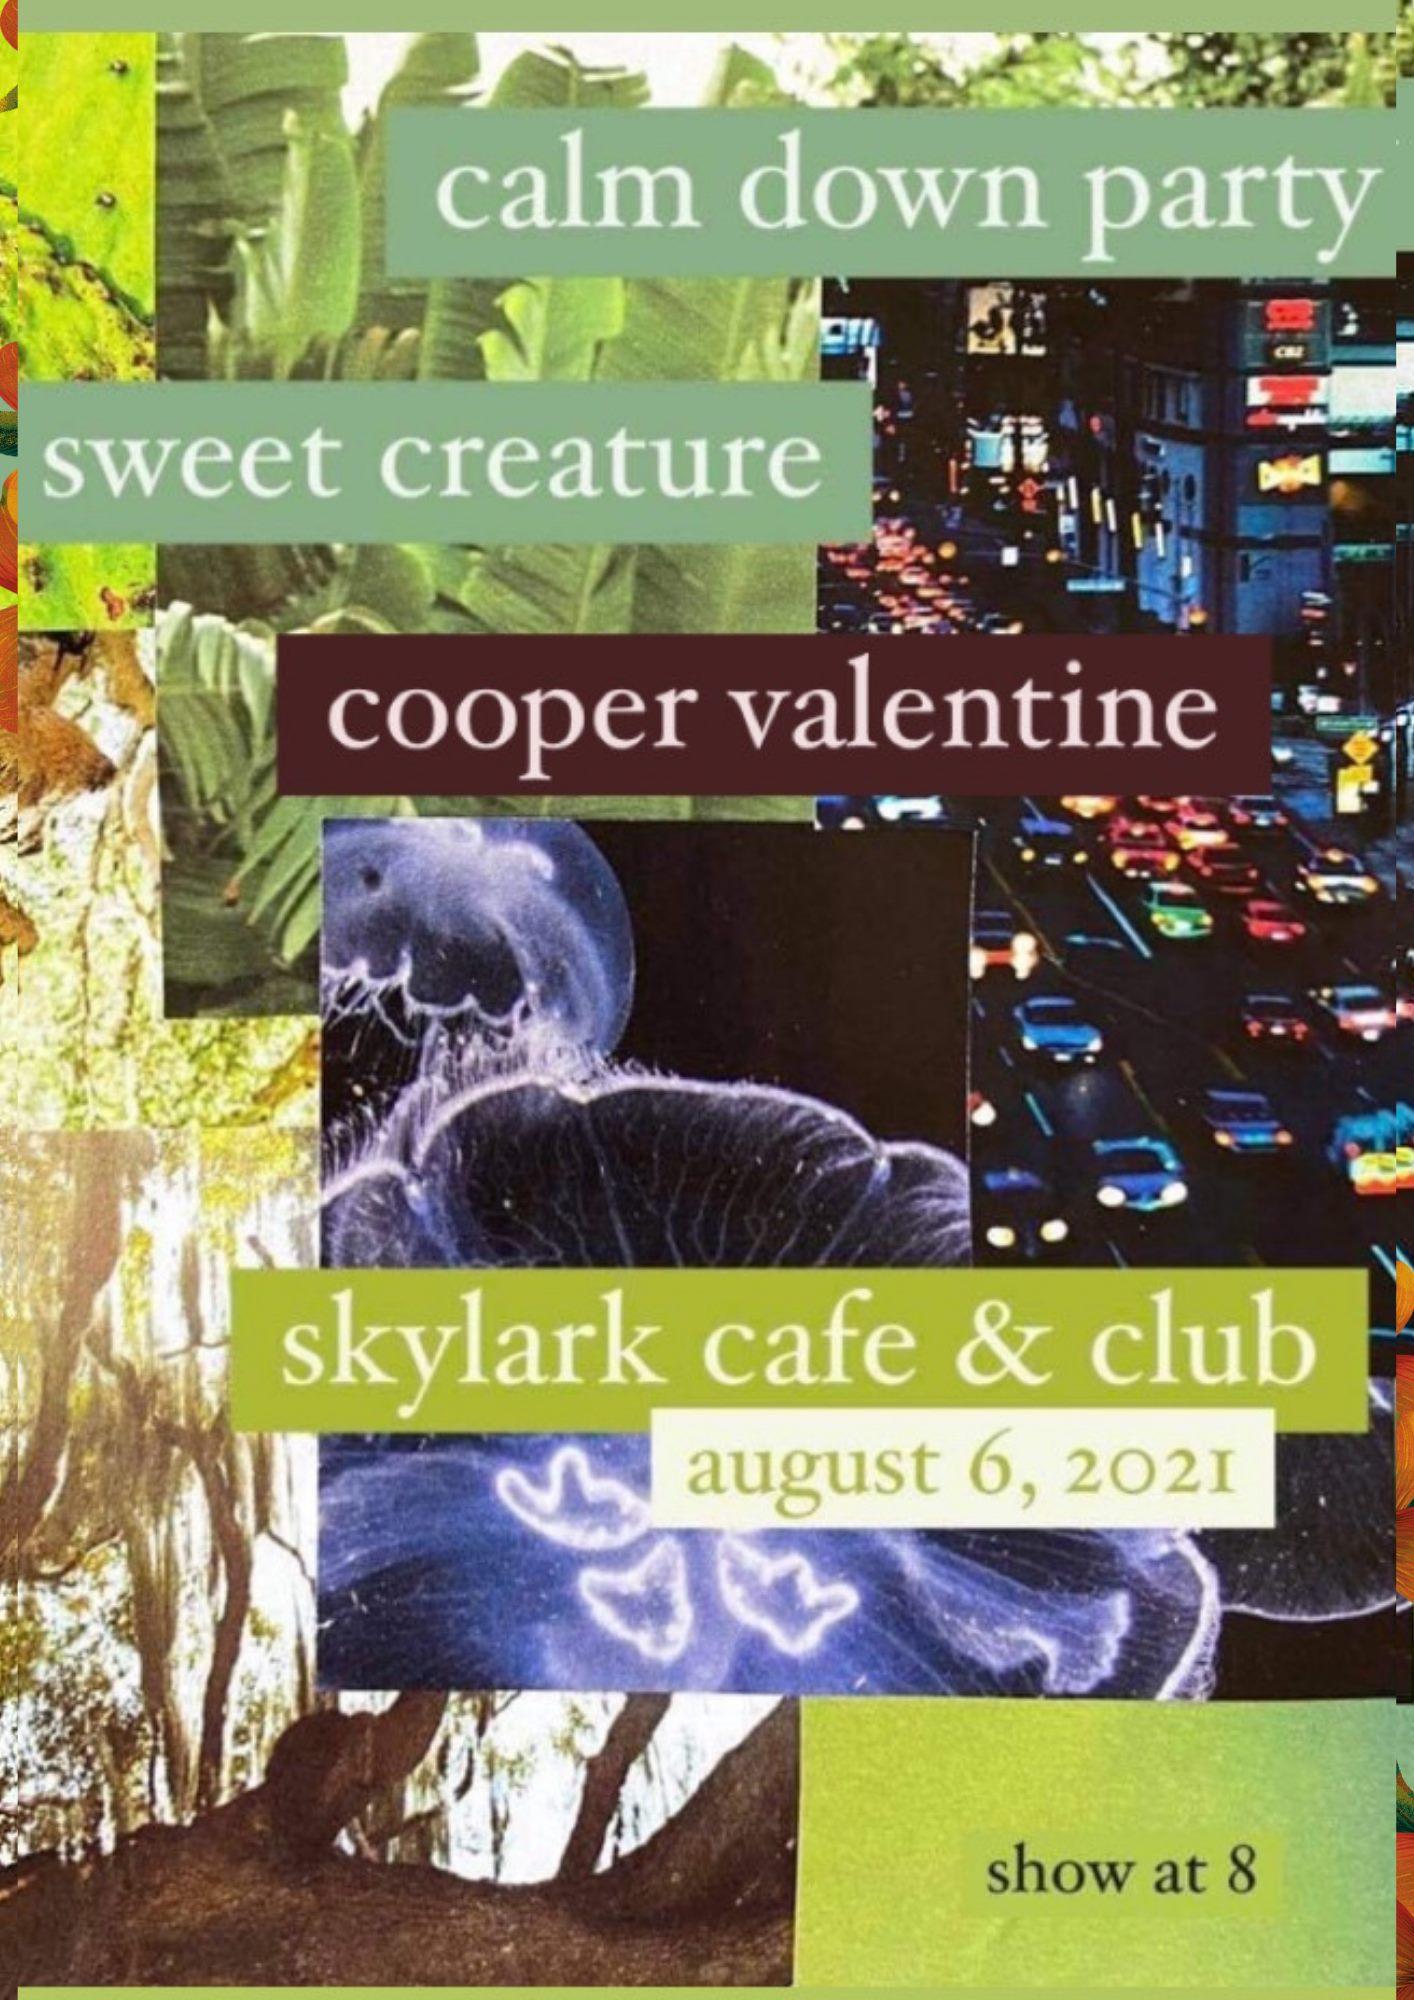 https://www.facebook.com/sweetcreaturemusic https://coopervalentine.bandcamp.com/album/songs-for-driving https://calmdownparty.bandcamp.com/album/bossa-gemini